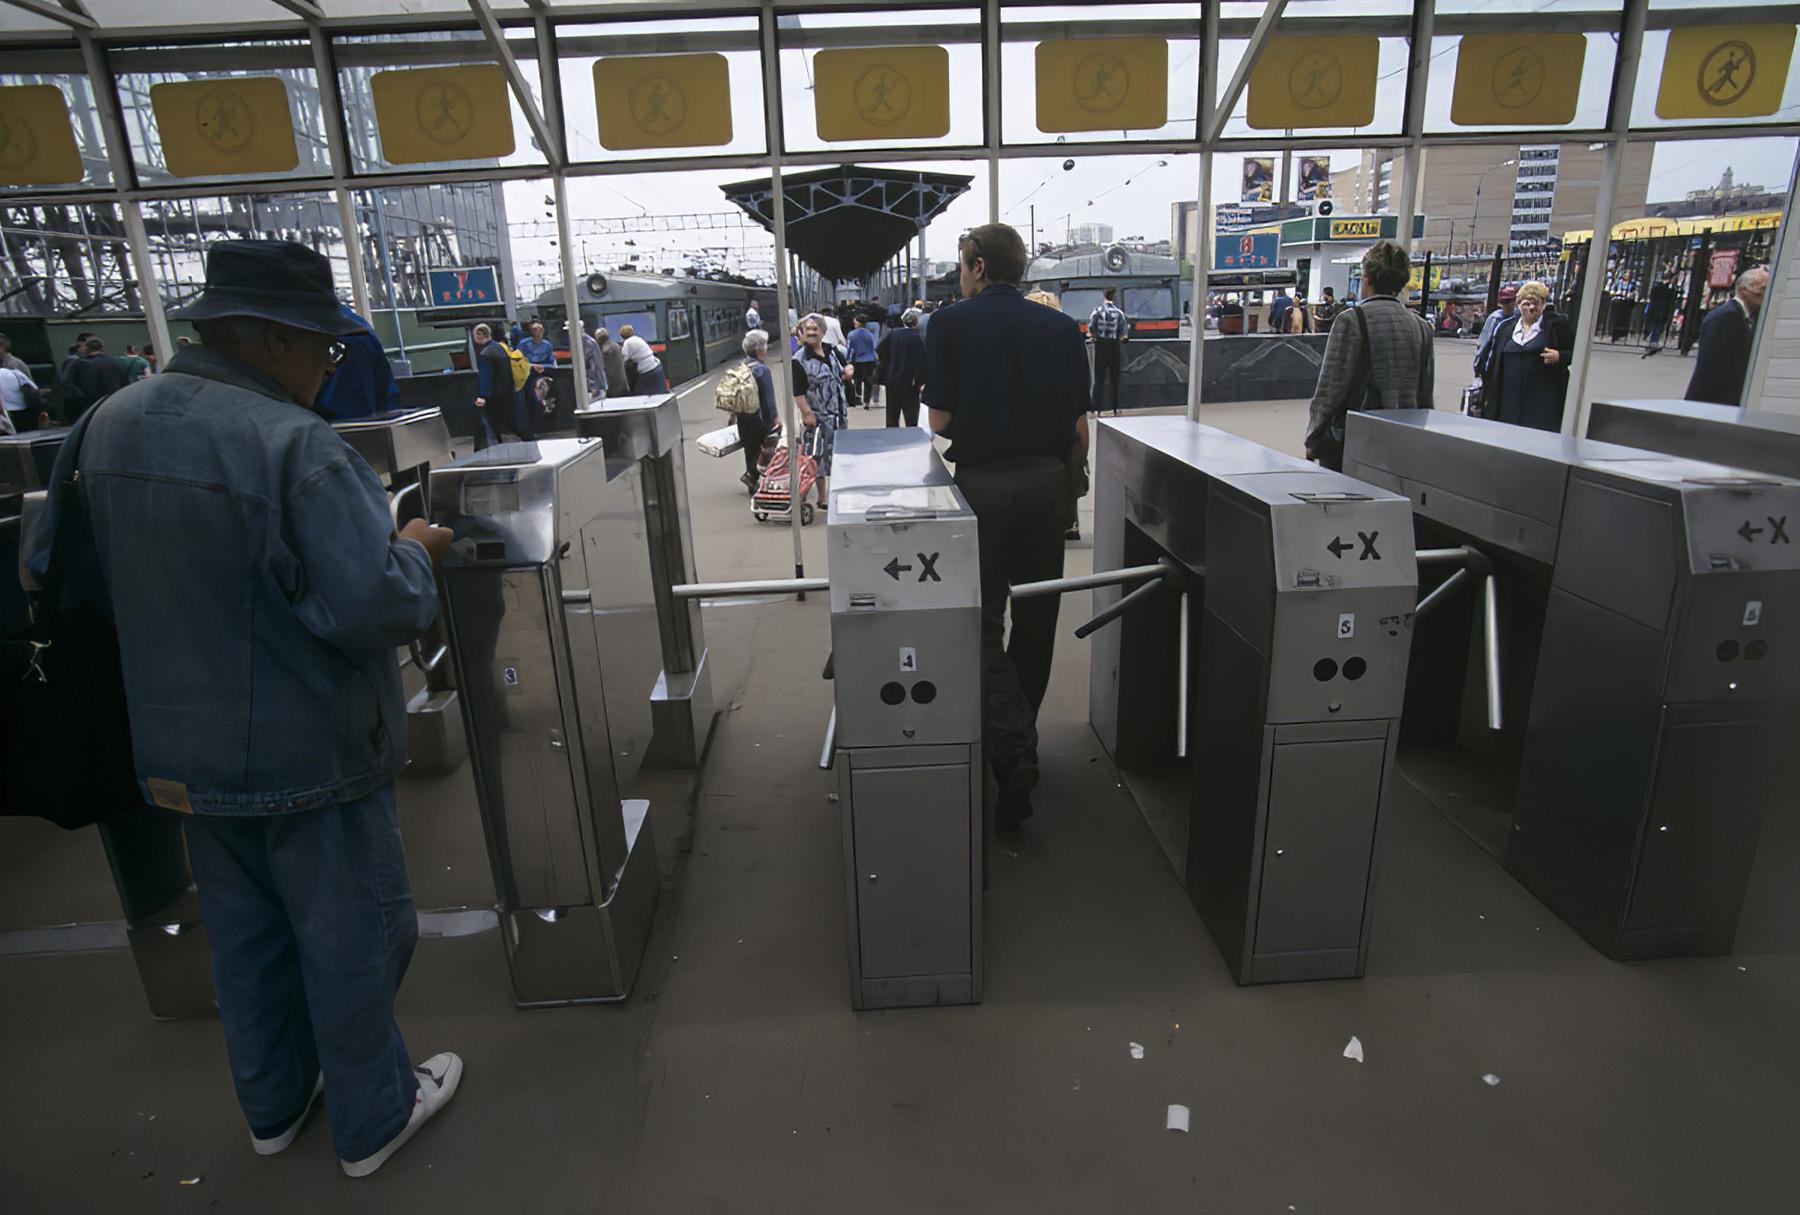 2001 Турникеты для прохода пассажиров на платформу Киевского вокзала. Игорь Михалев, РИА Новости